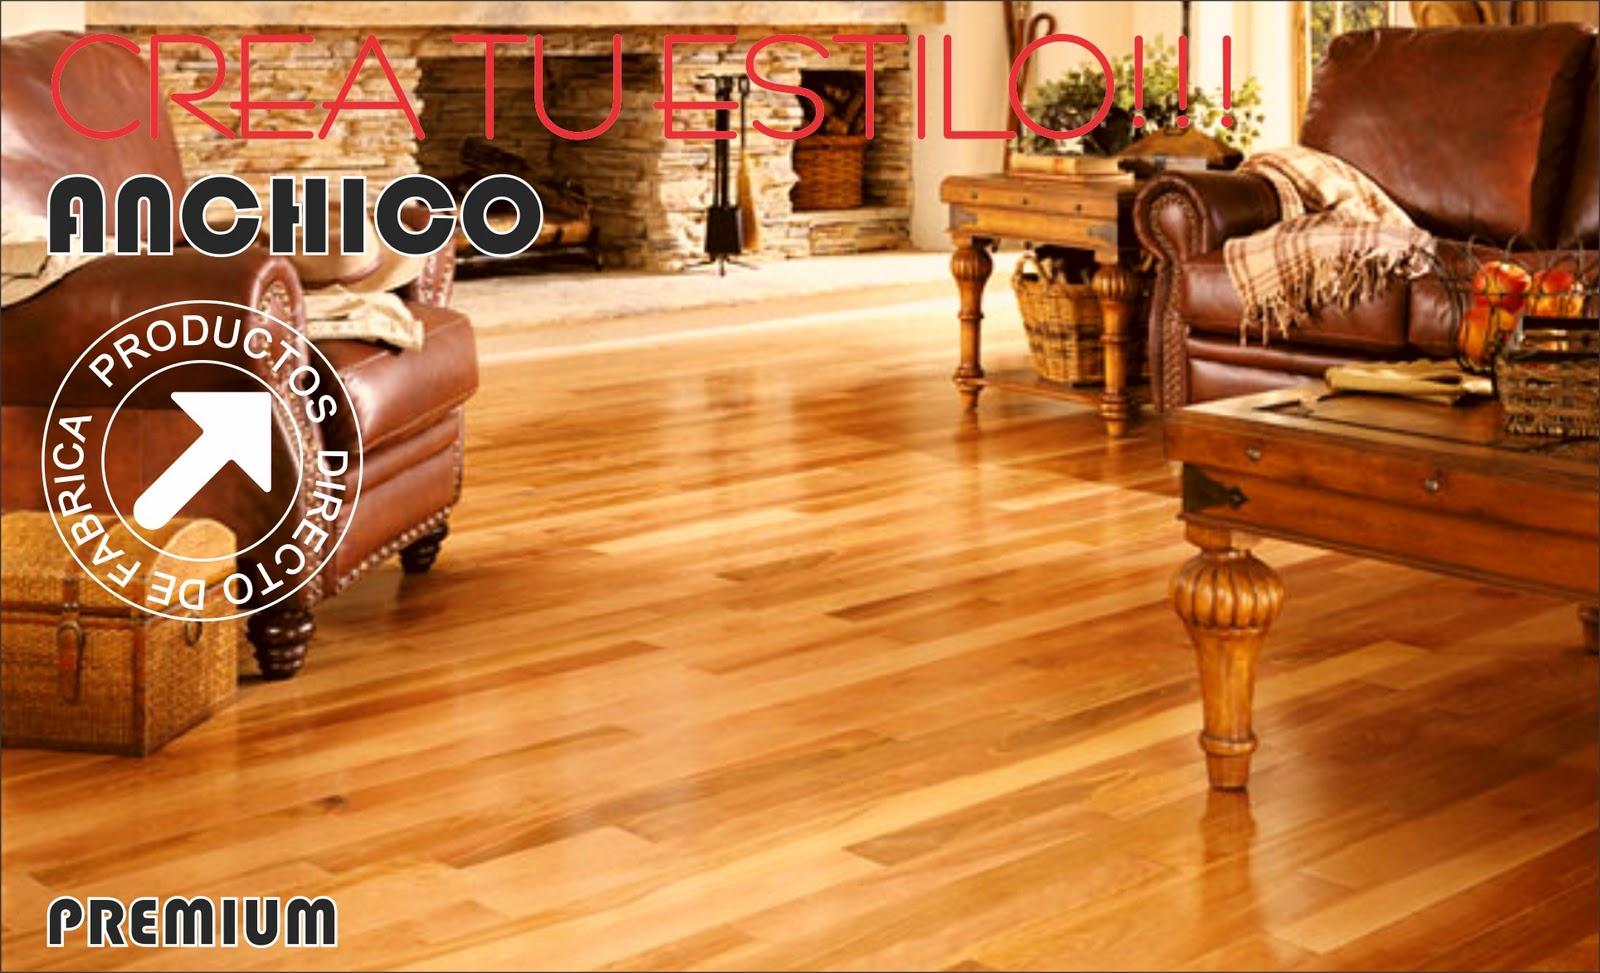 Producto y precios directo de fabrica pisos anchico premium for Wood floor installation near me